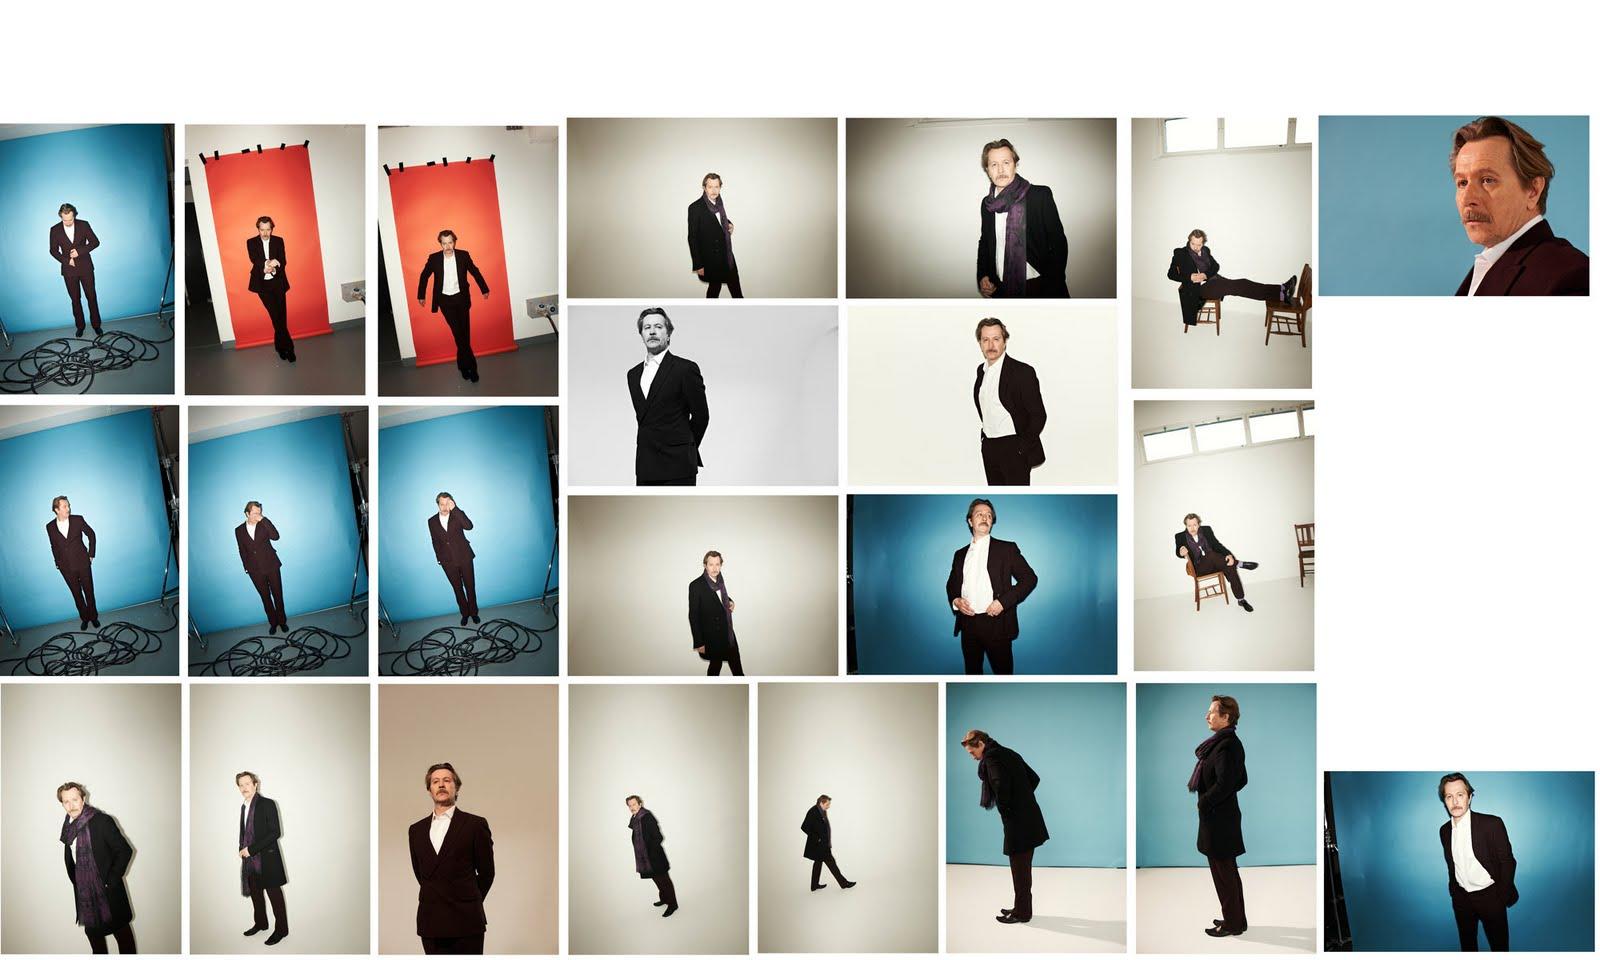 http://2.bp.blogspot.com/-9J9_TqTBhDg/TmHxwsmw5OI/AAAAAAAAIfo/8WqkV2oL-3I/s1600/edit_overview2.jpg